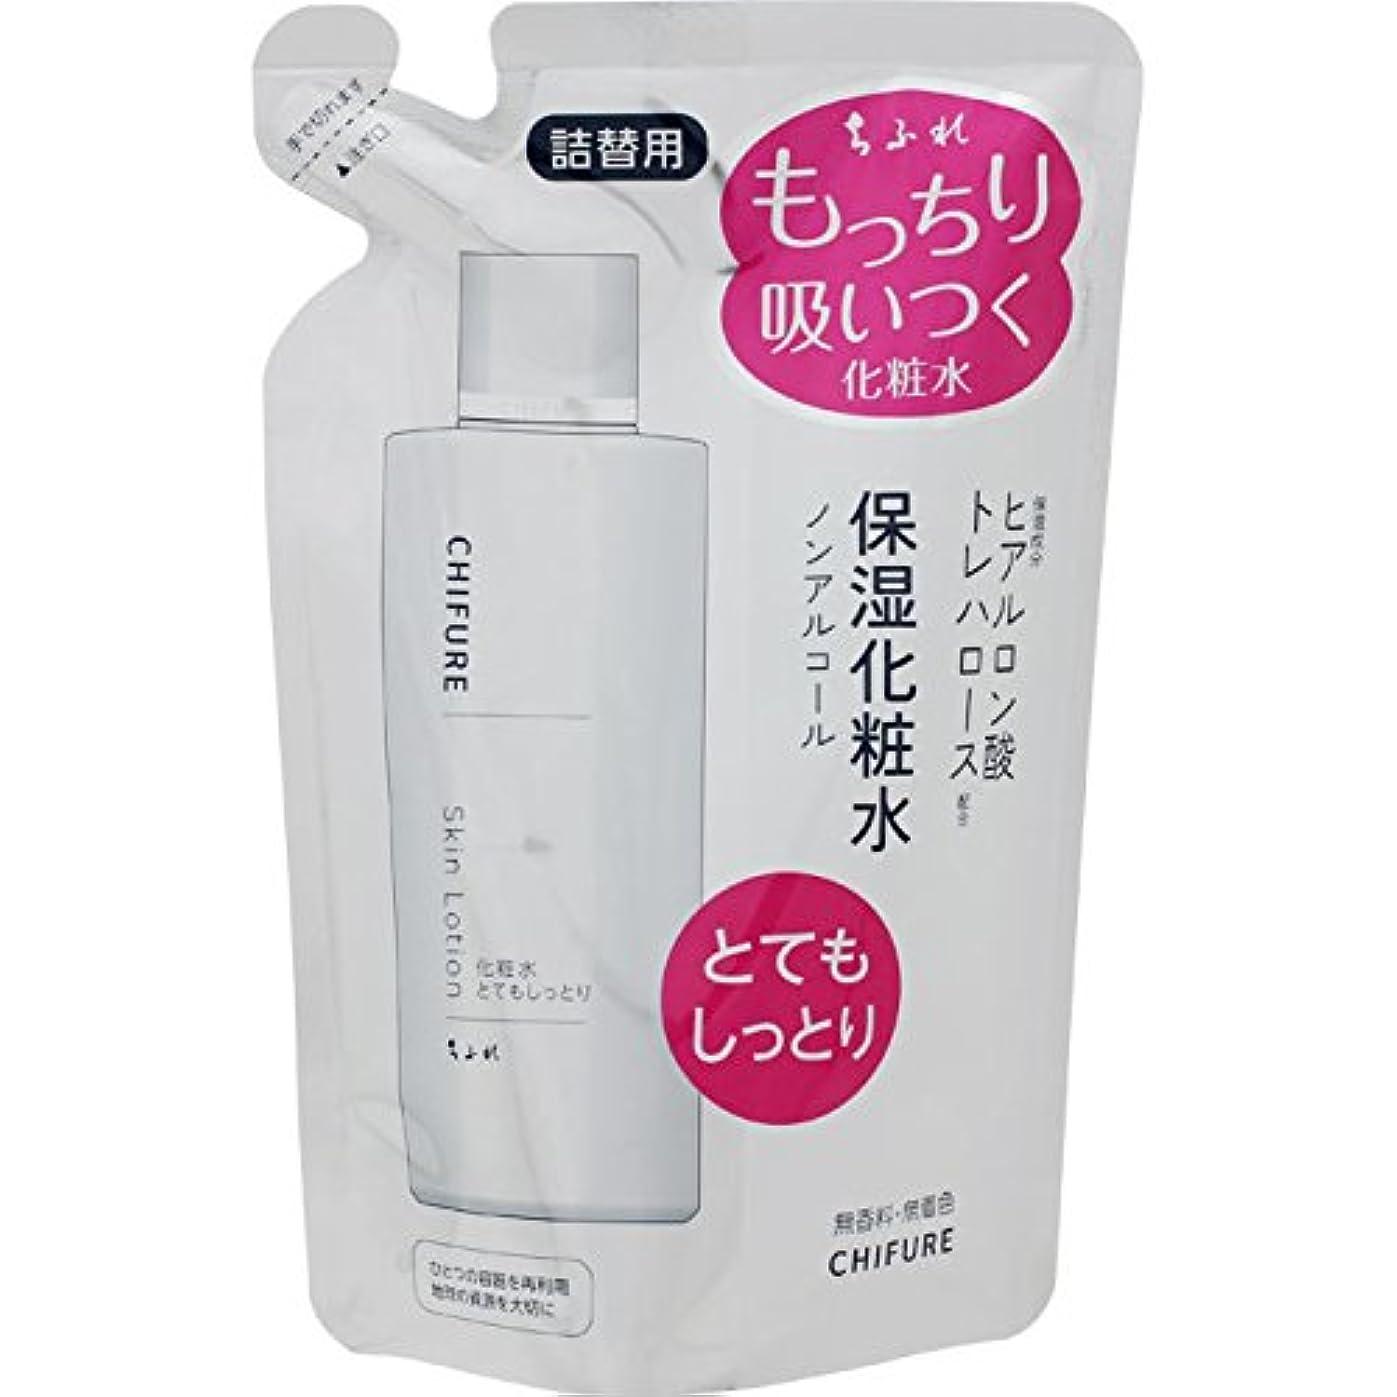 モネ受信機一部ちふれ化粧品 化粧水 とてもしっとりタイプ 詰替用 150ML